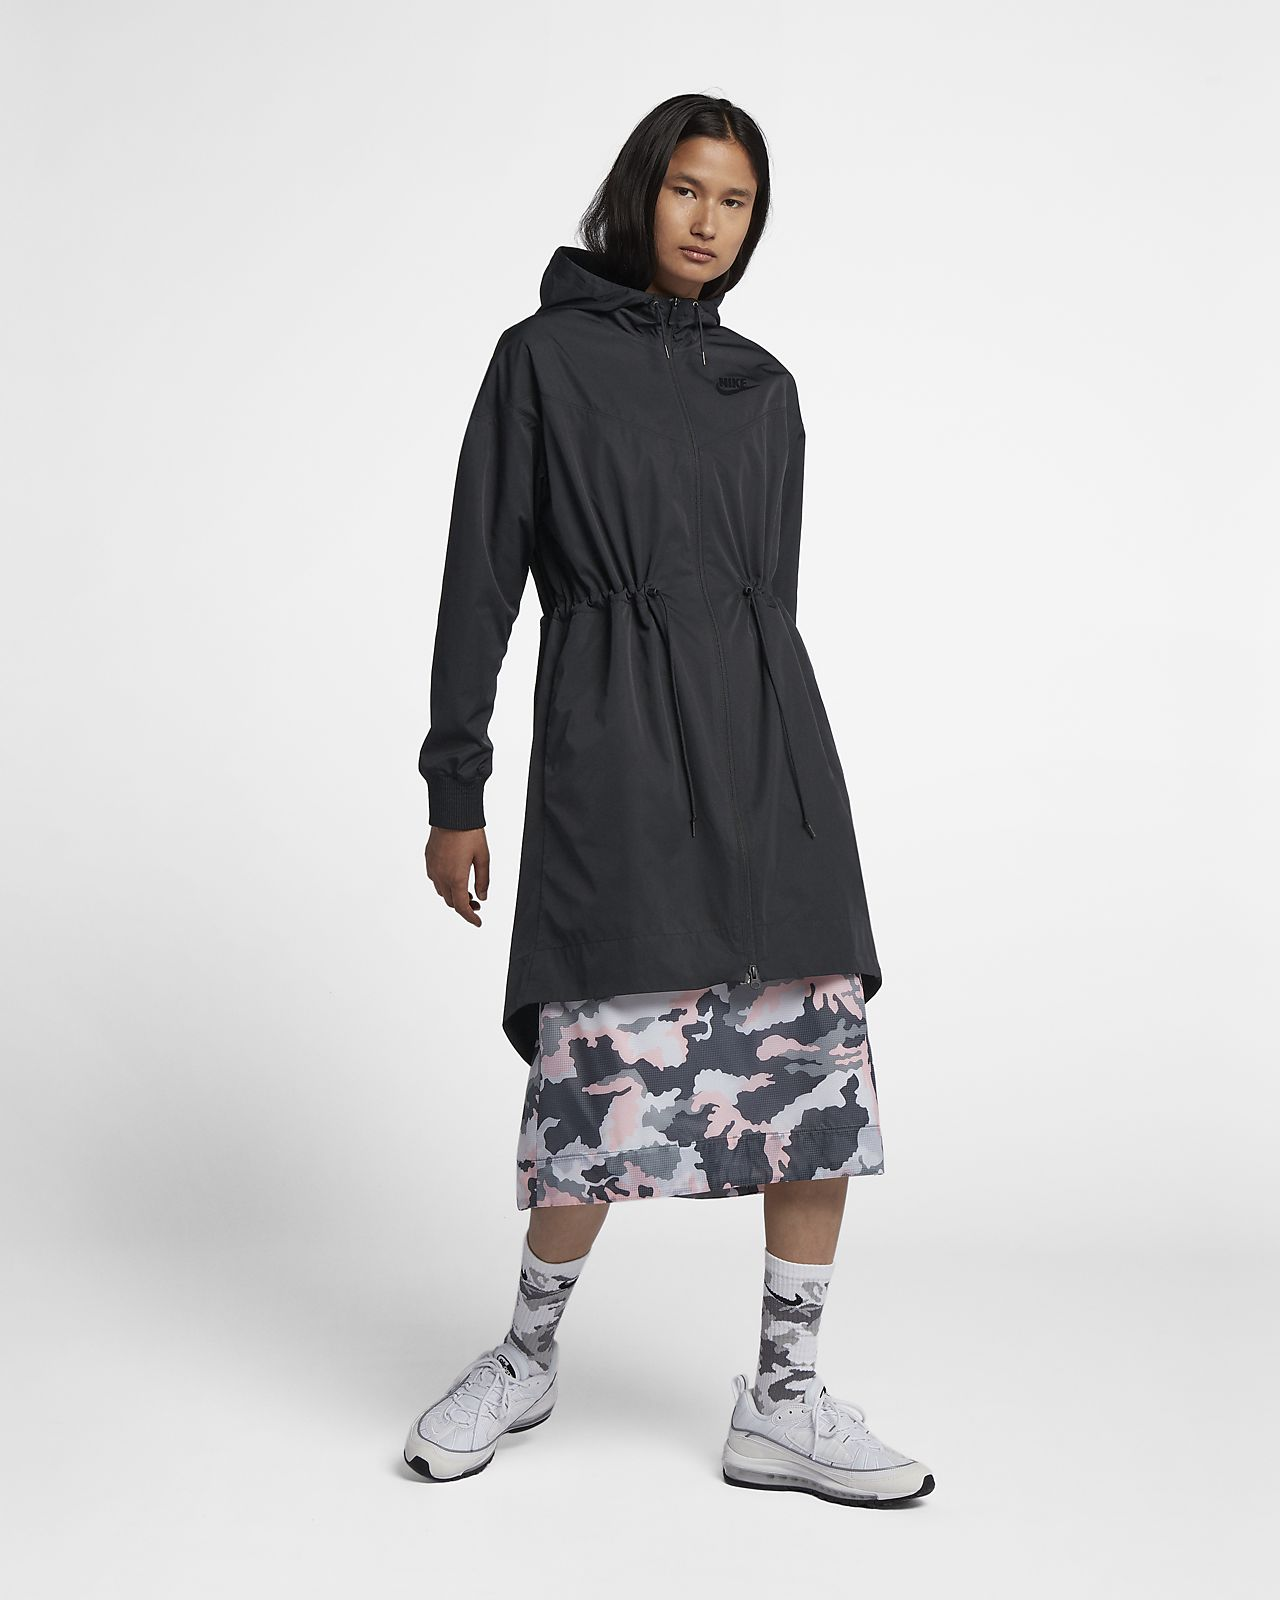 f5ac271e0 Nike Sportswear Shield Windrunner Women's Jacket. Nike.com